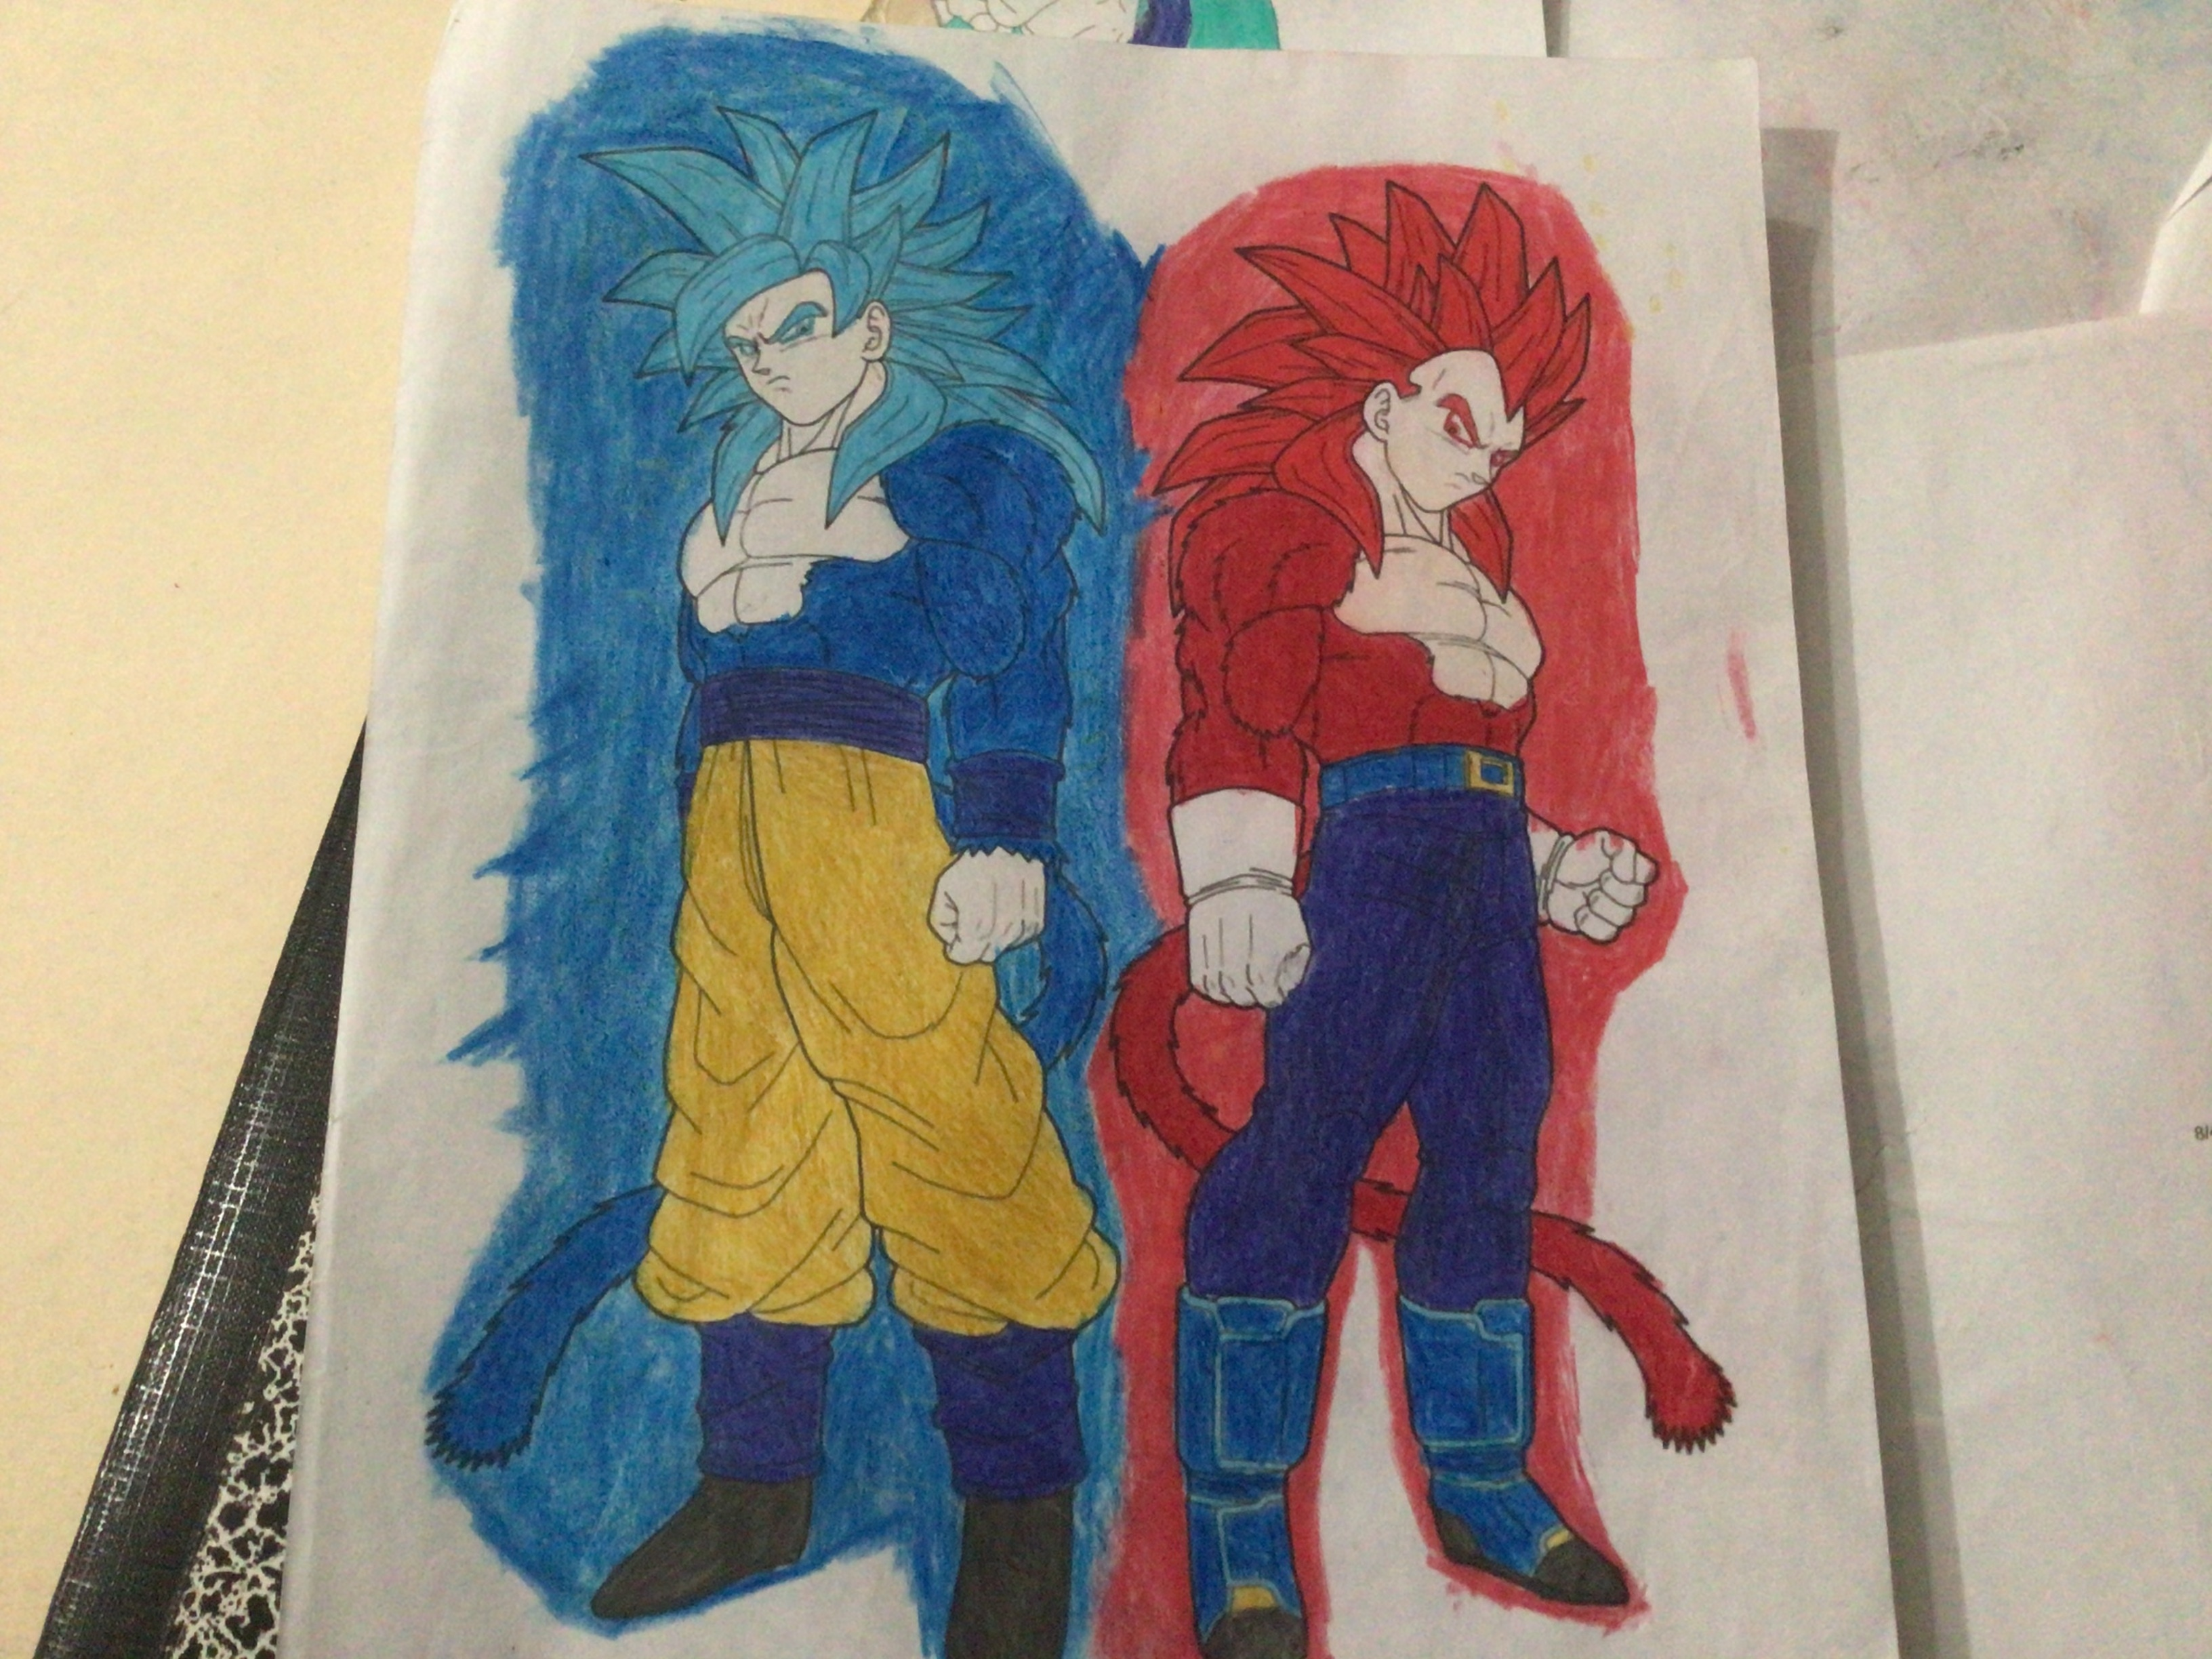 SSJB4 Goku and SSJG4 Vegeta